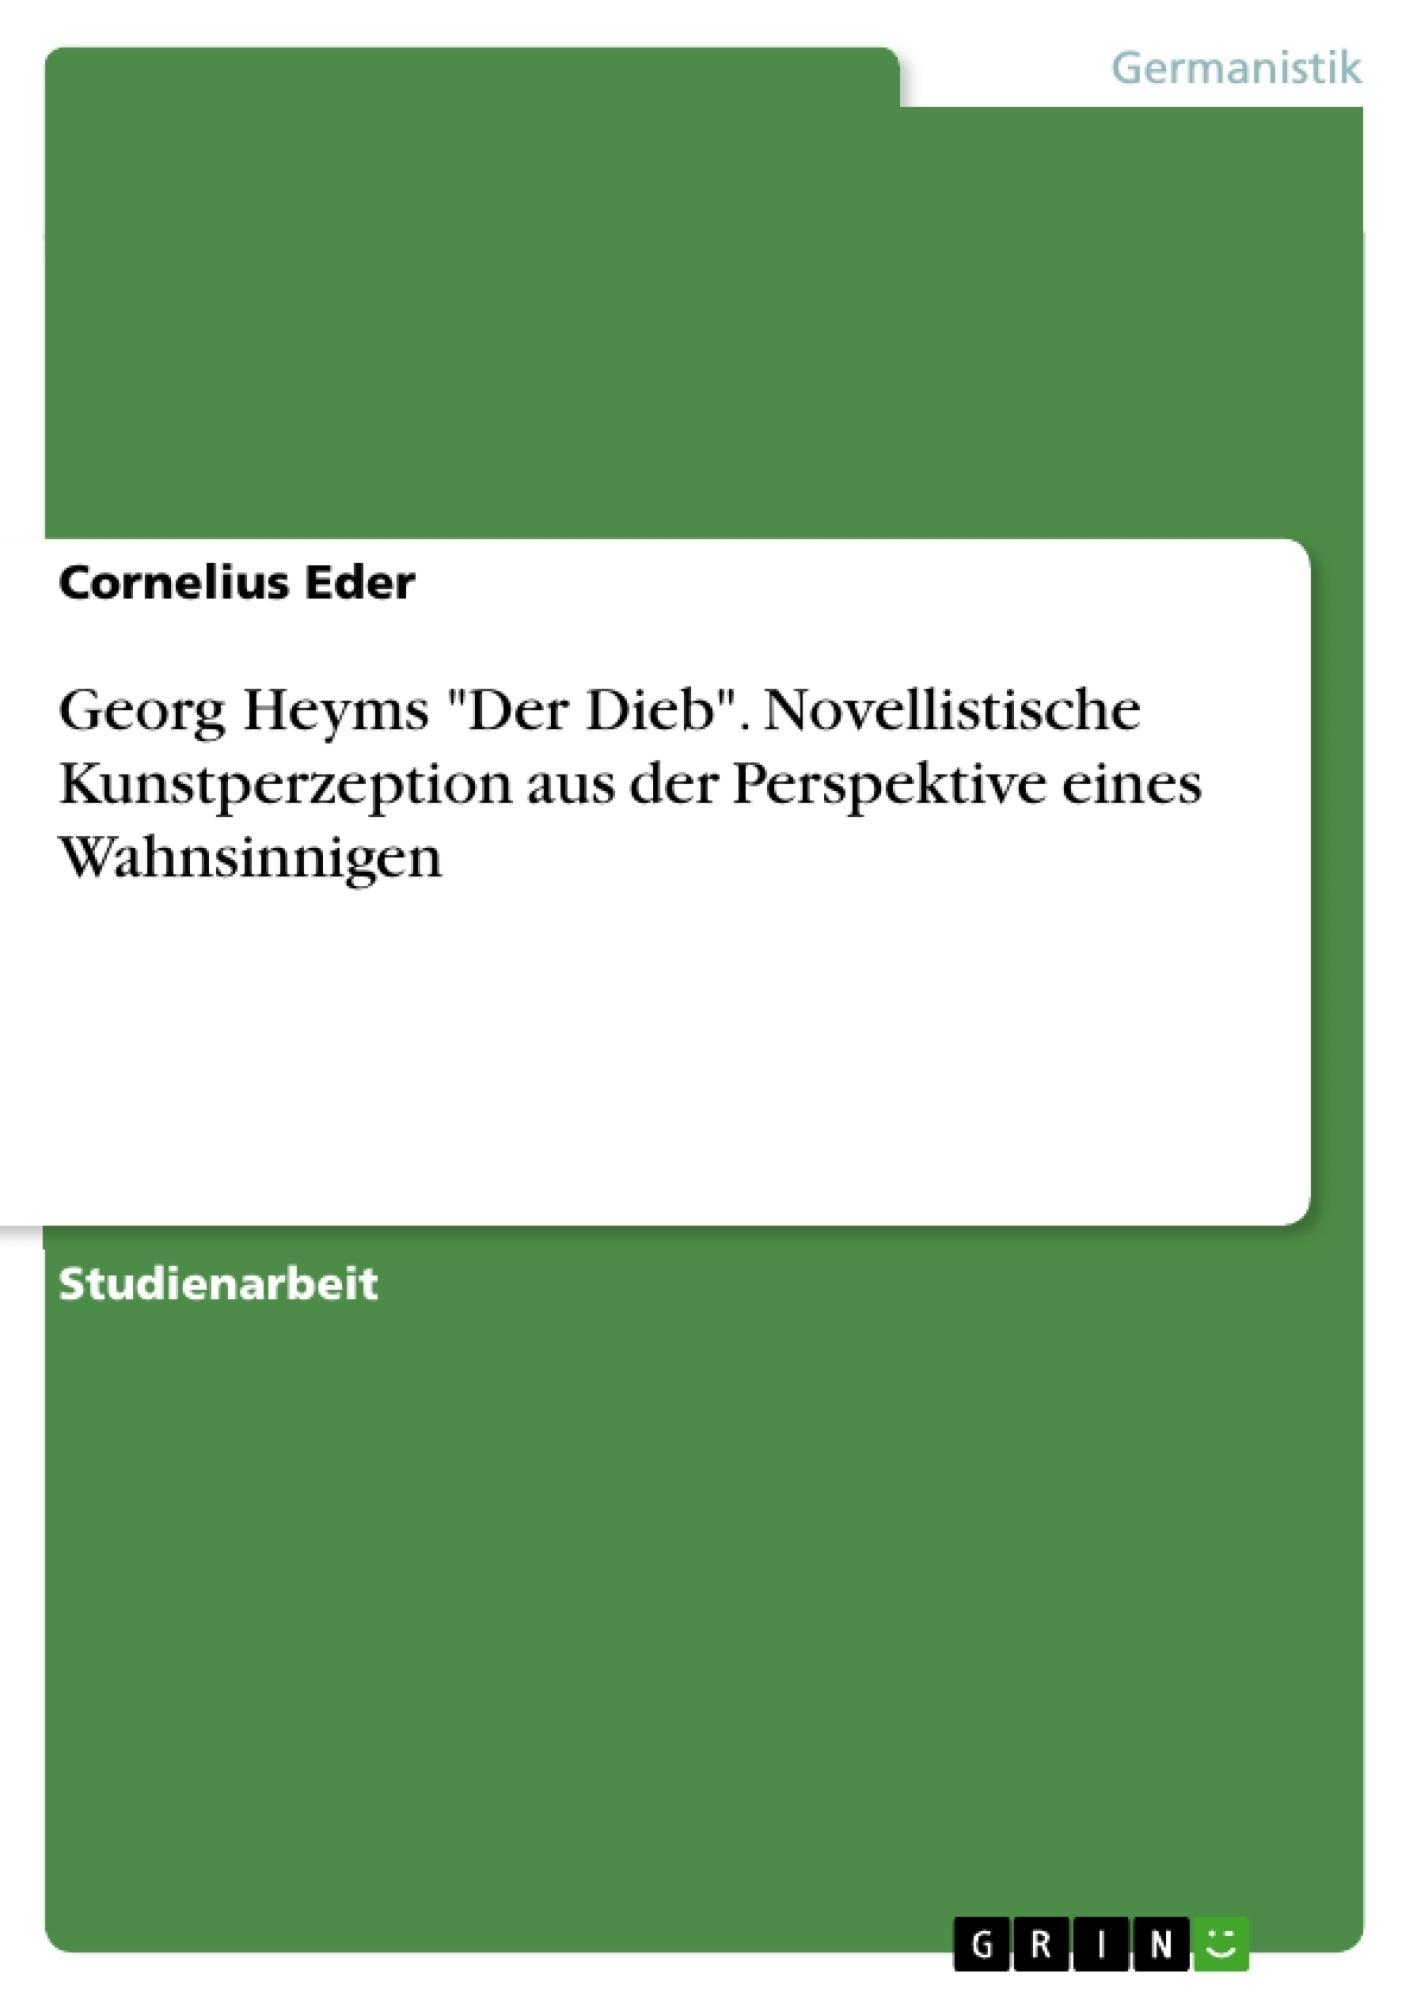 """Titel: Georg Heyms """"Der Dieb"""". Novellistische Kunstperzeption aus der Perspektive eines Wahnsinnigen"""